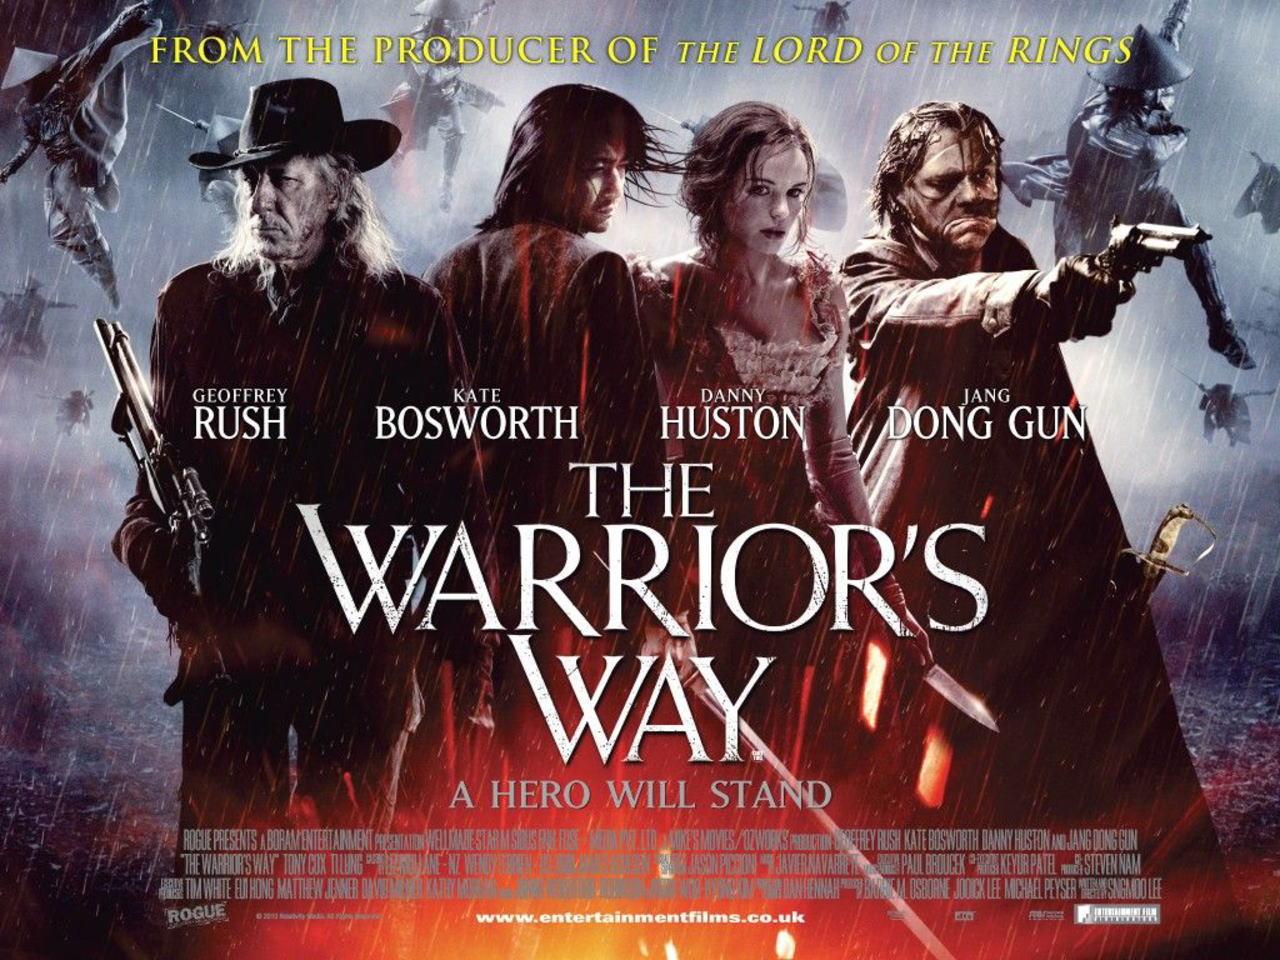 映画『決闘の大地で THE WARRIOR'S WAY』ポスター(2) ▼ポスター画像クリックで拡大します。